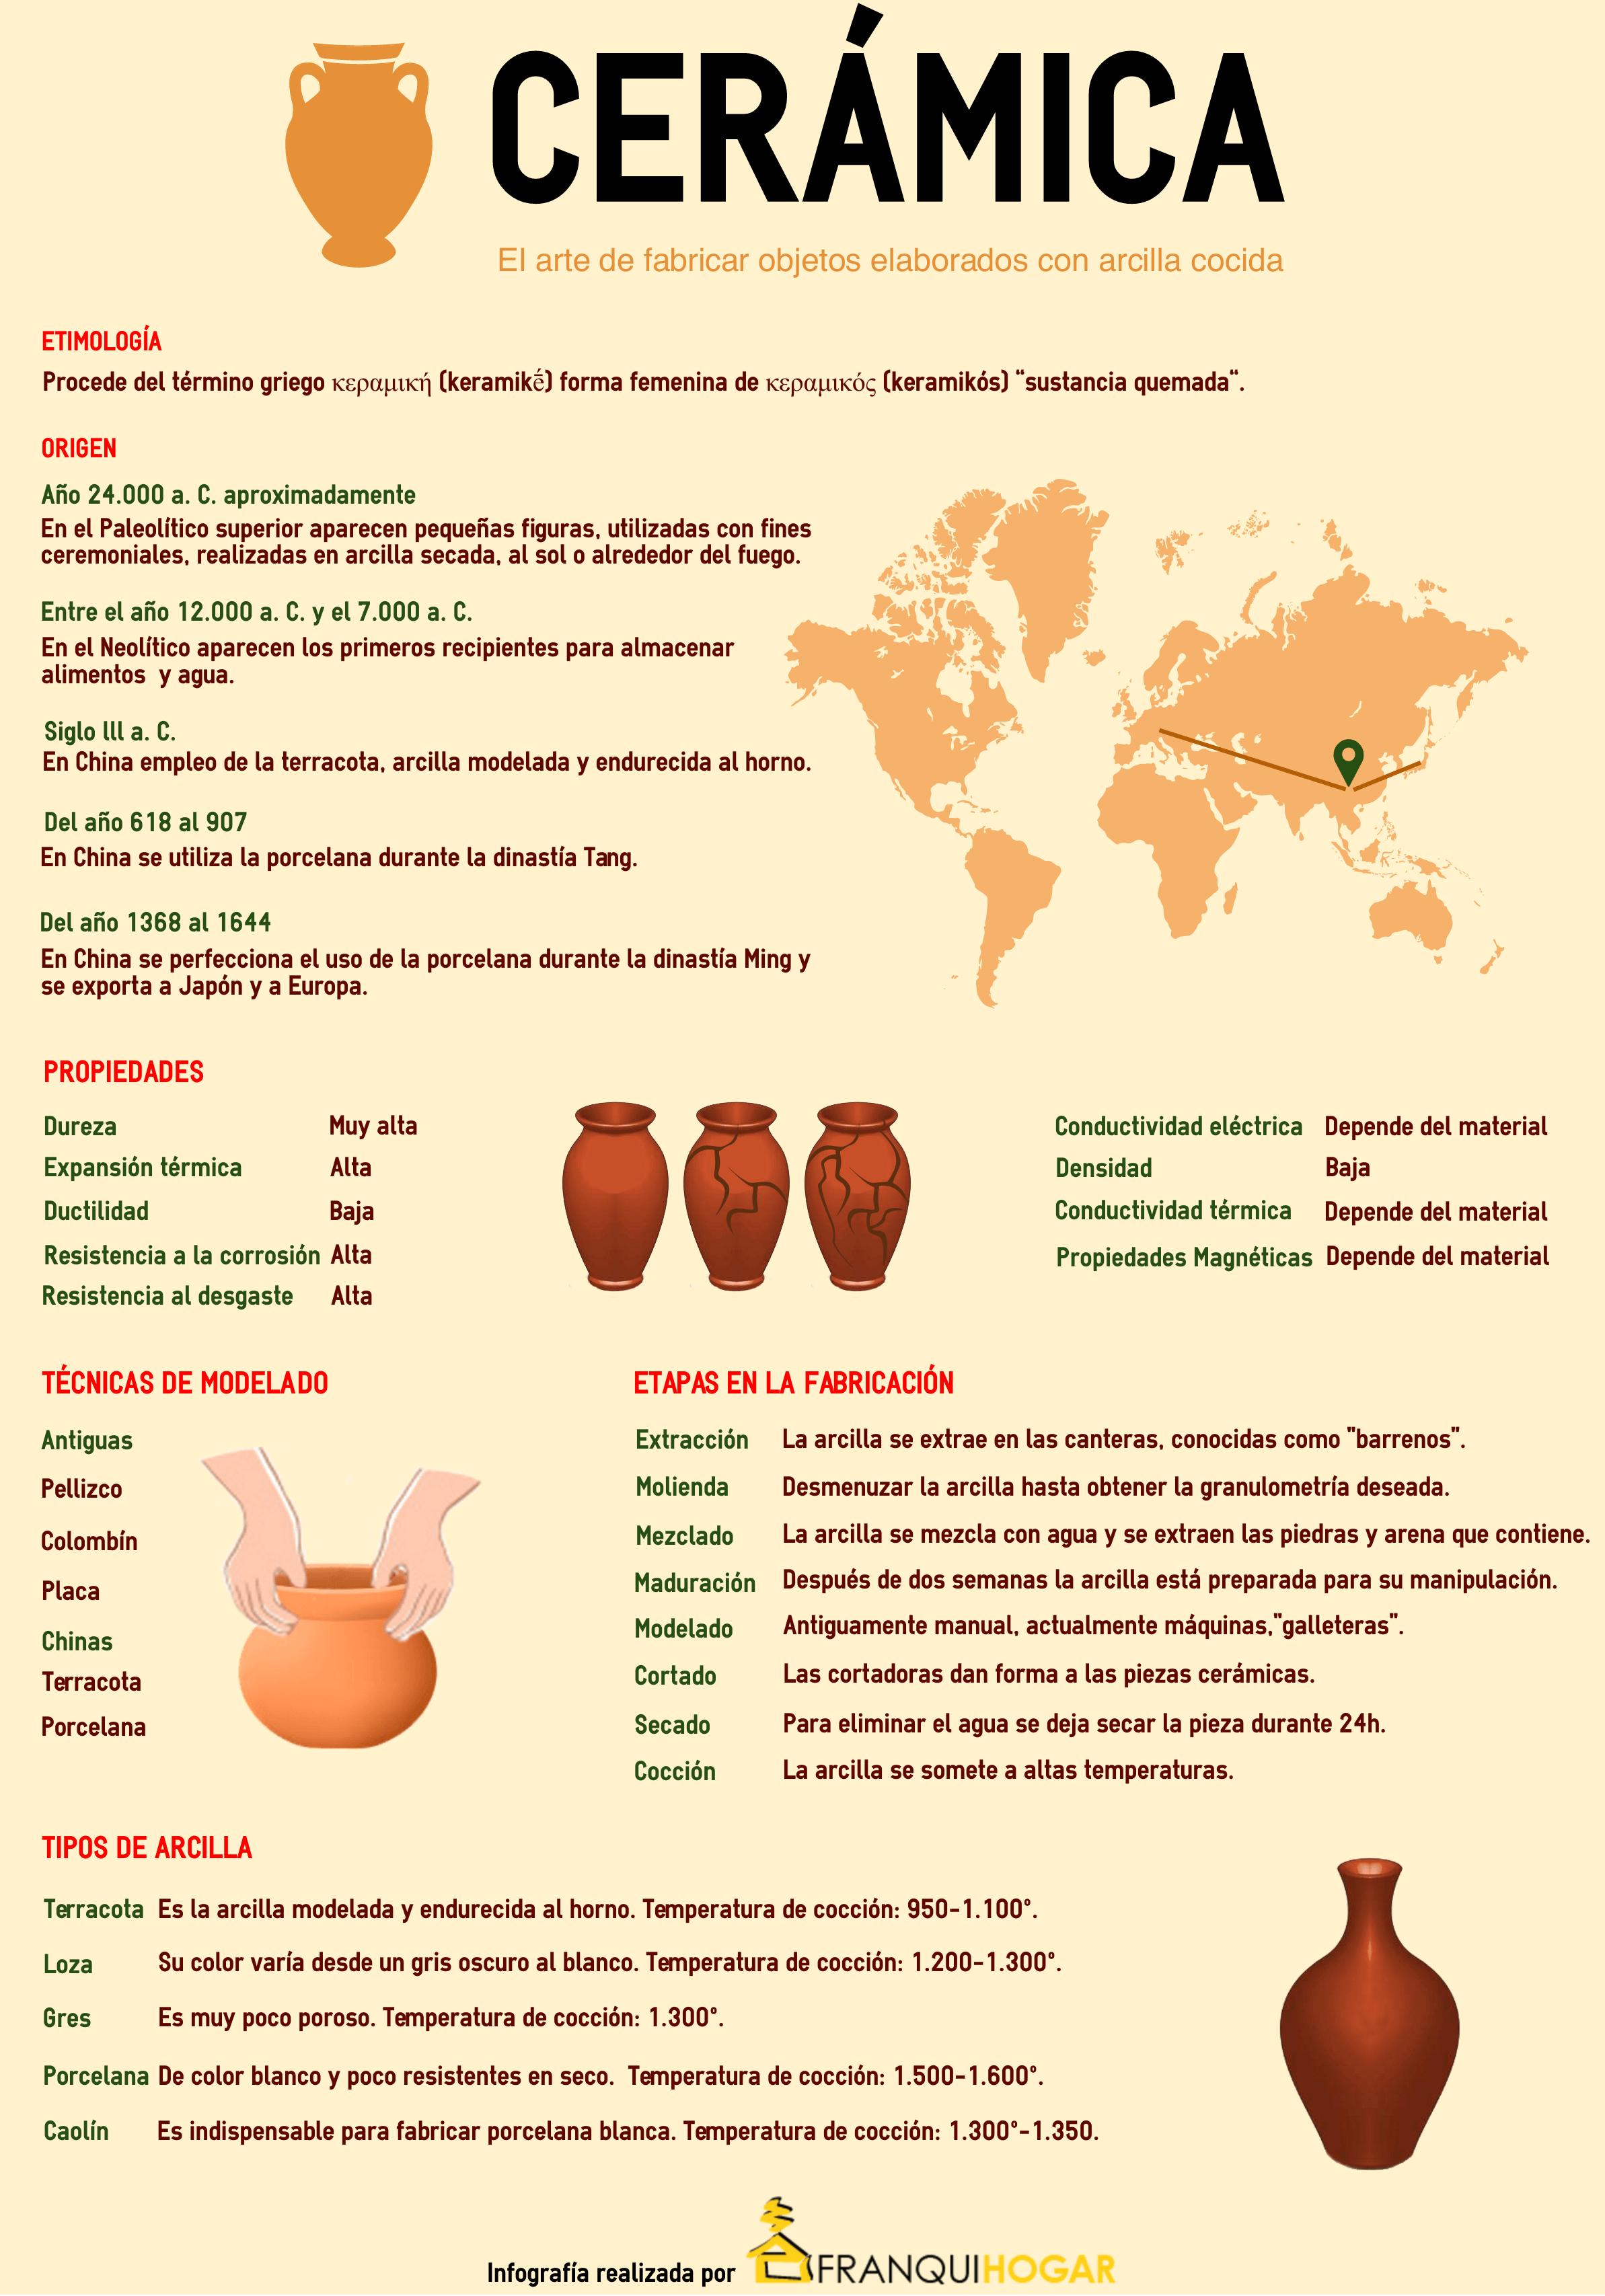 infografia de la ceramica desde su origen